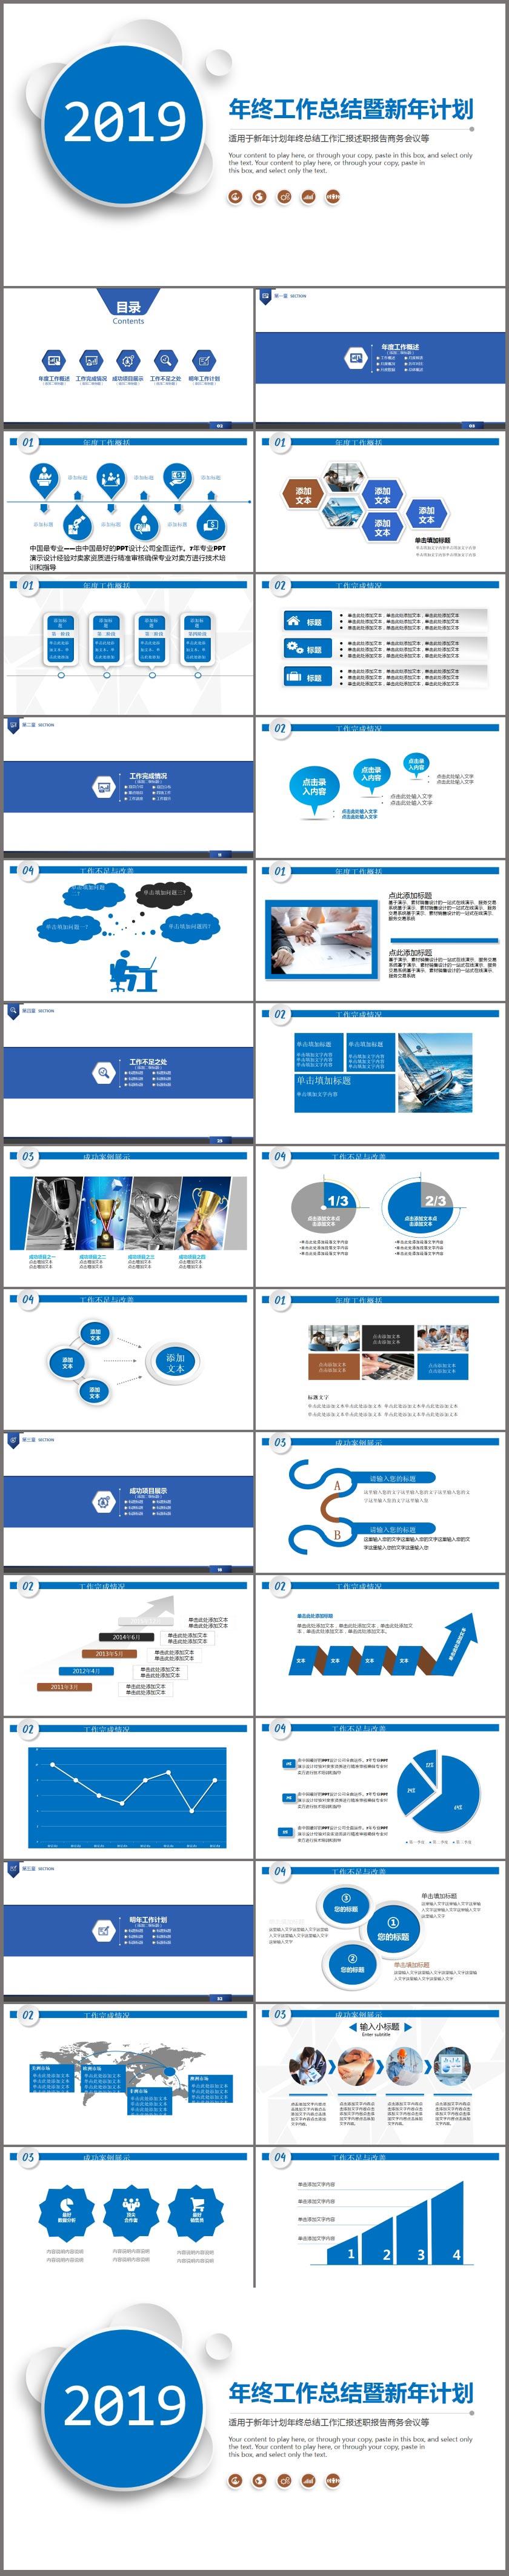 蓝色简约风格年终工作总结PPT模板